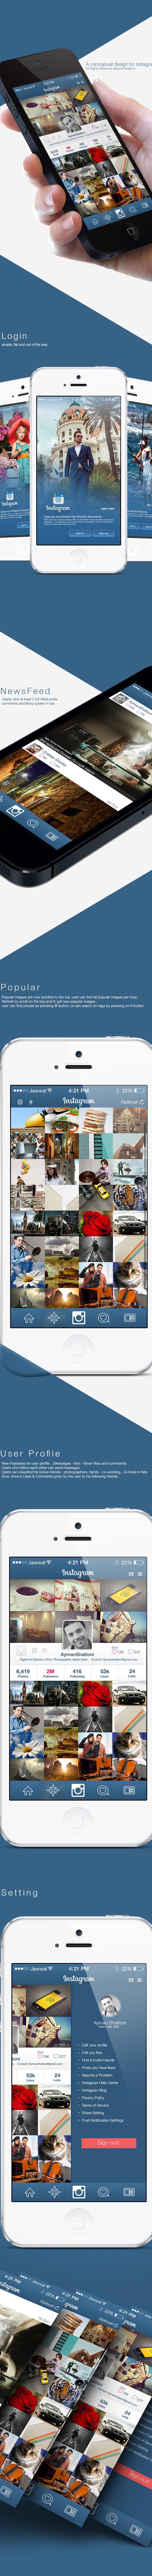 Concepto de rediseño para Instagram